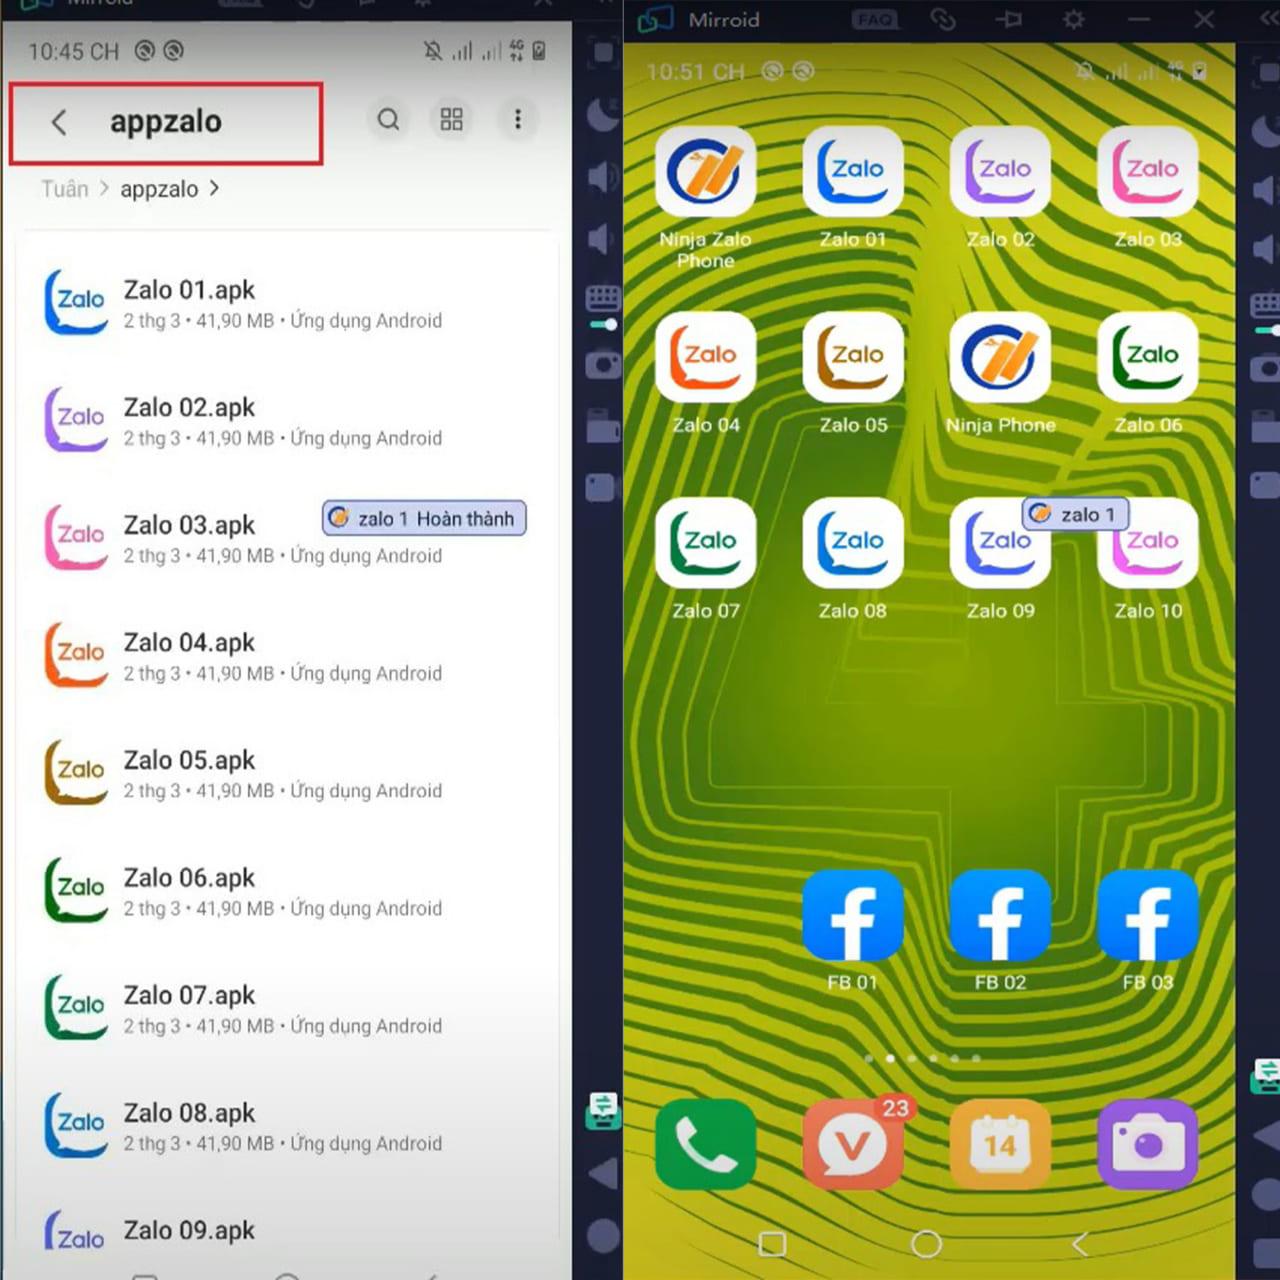 tool nuôi nick zalo điện thoại4.7jpg Hướng dẫn cài đặt app trên tool nuôi nick zalo điện thoại